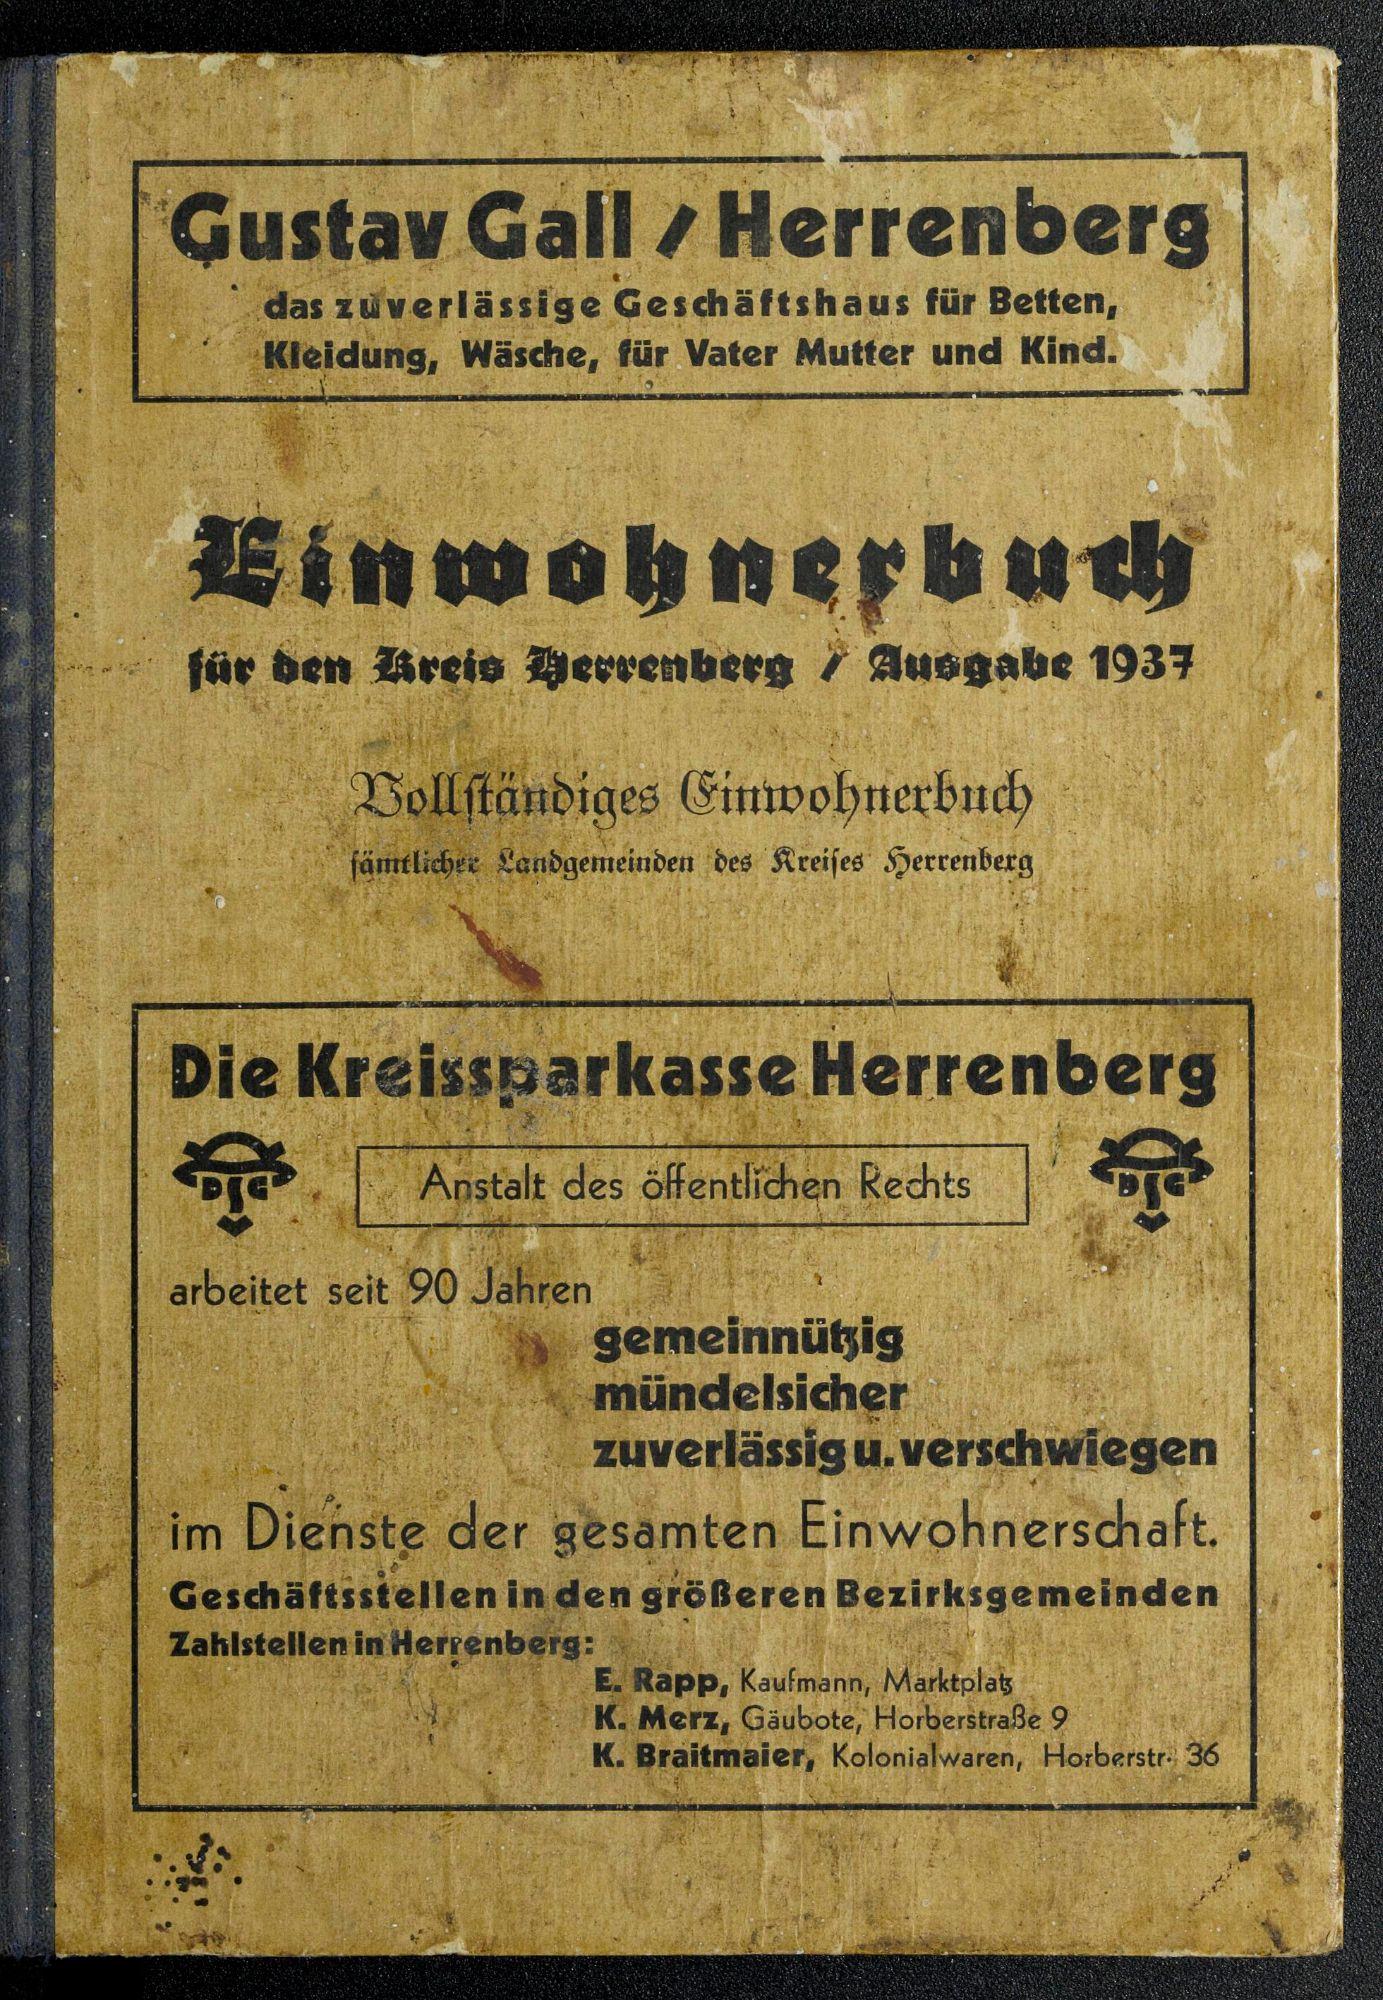 Einwohnerbuch für den Kreis Herrenberg 1937